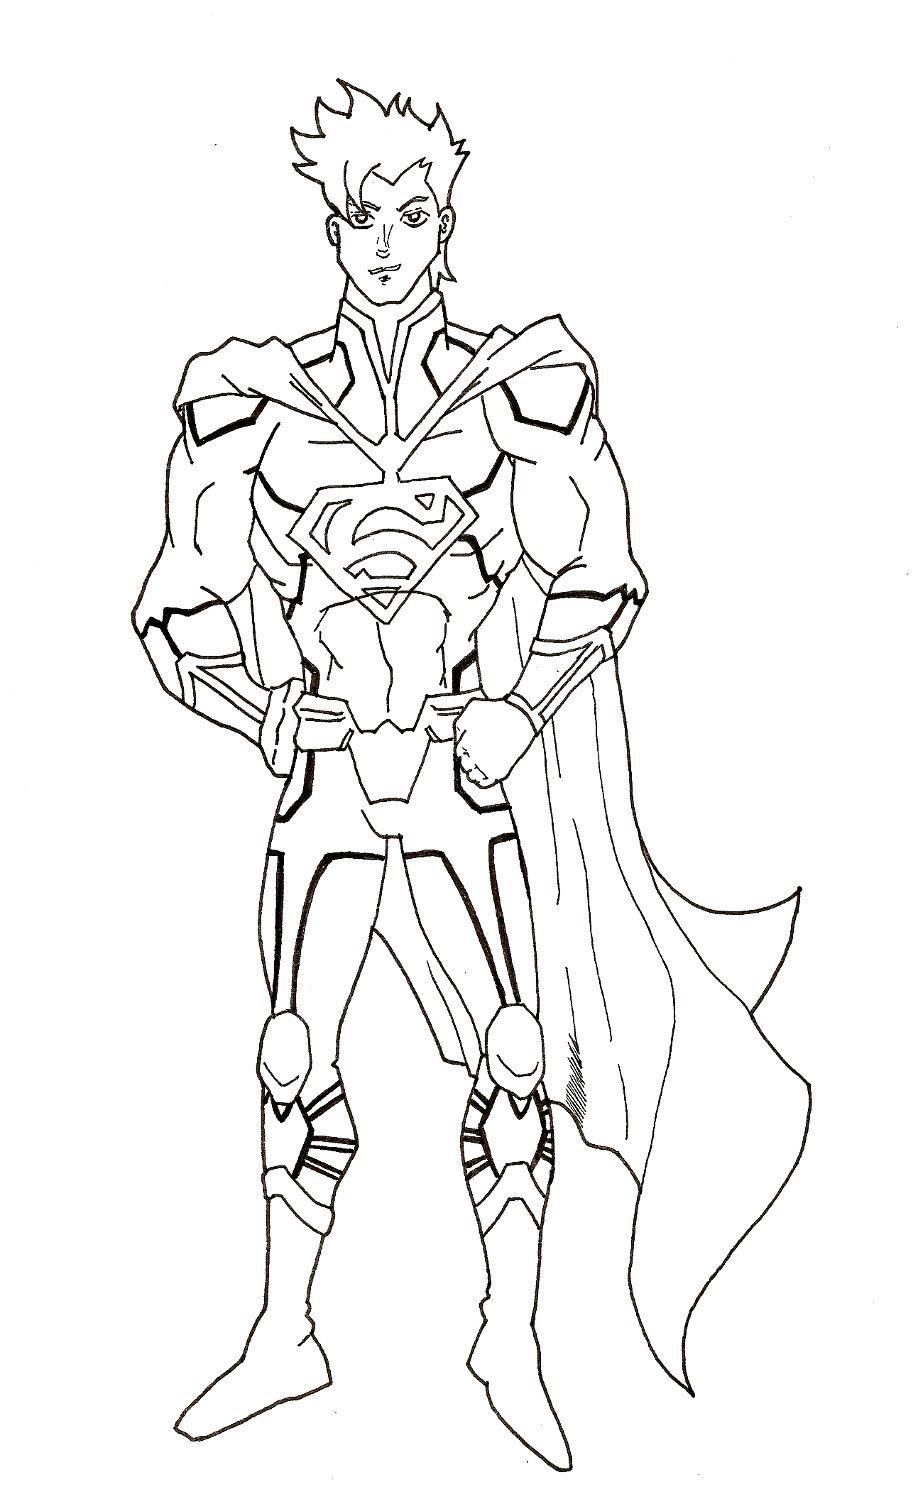 Petit dessin de superman juju gribouille - Dessin de superman ...